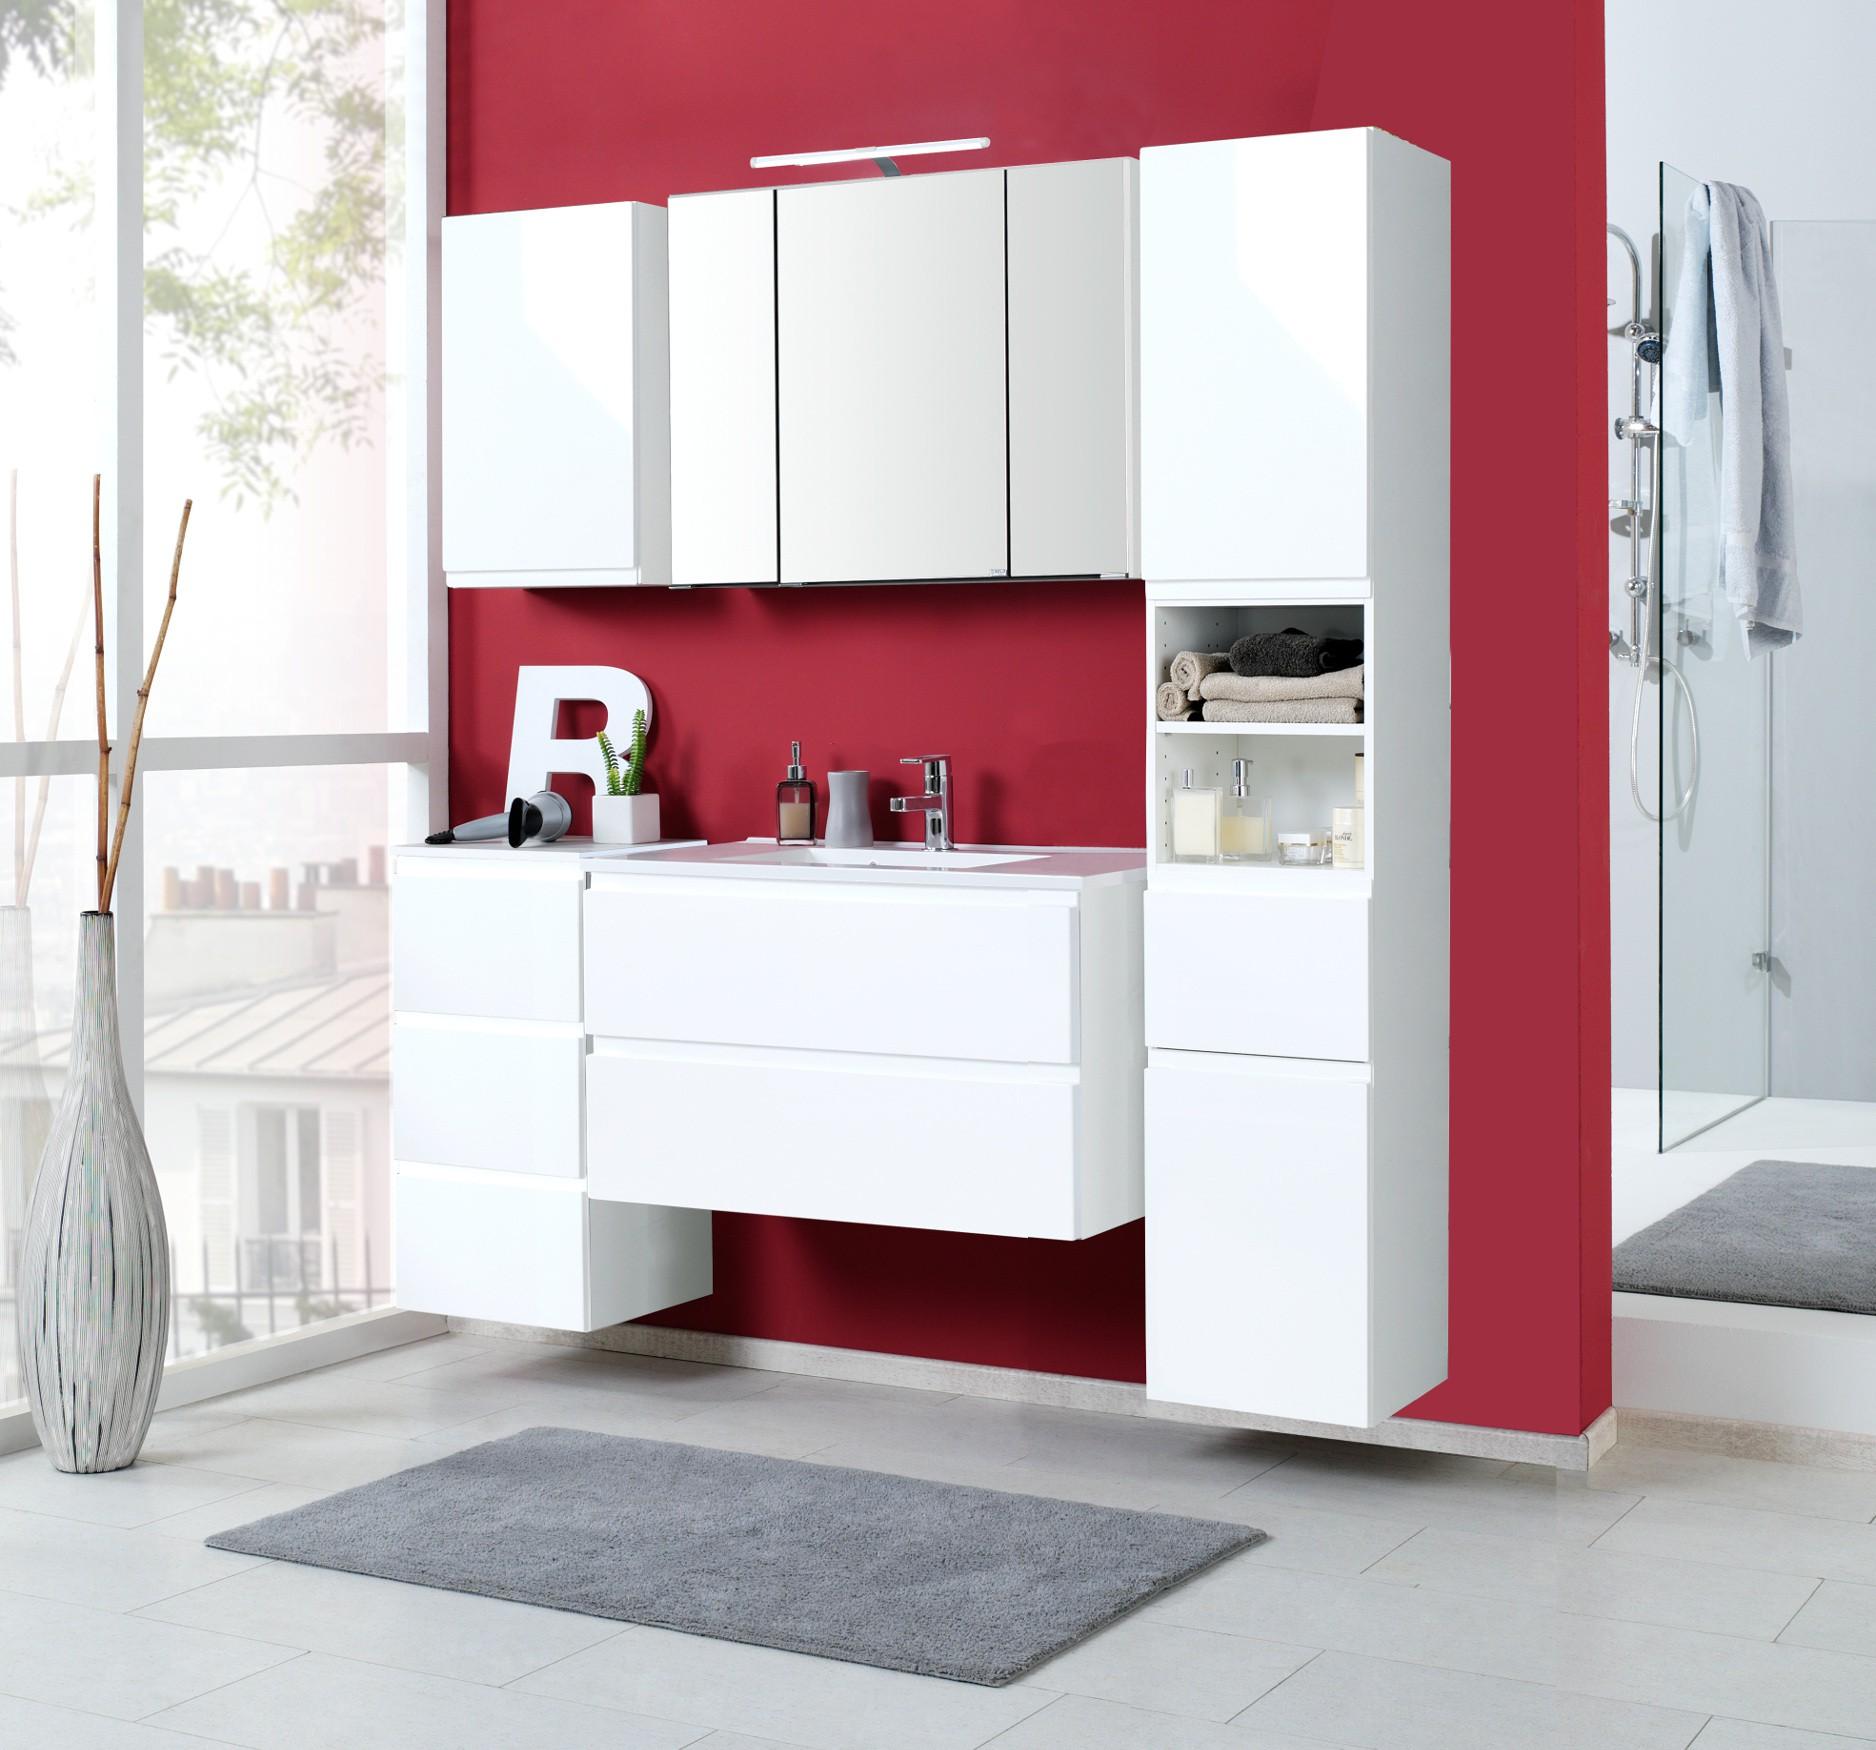 badm bel set cardiff mit waschtisch 7 teilig 160 cm breit hochglanz wei bad badm belsets. Black Bedroom Furniture Sets. Home Design Ideas